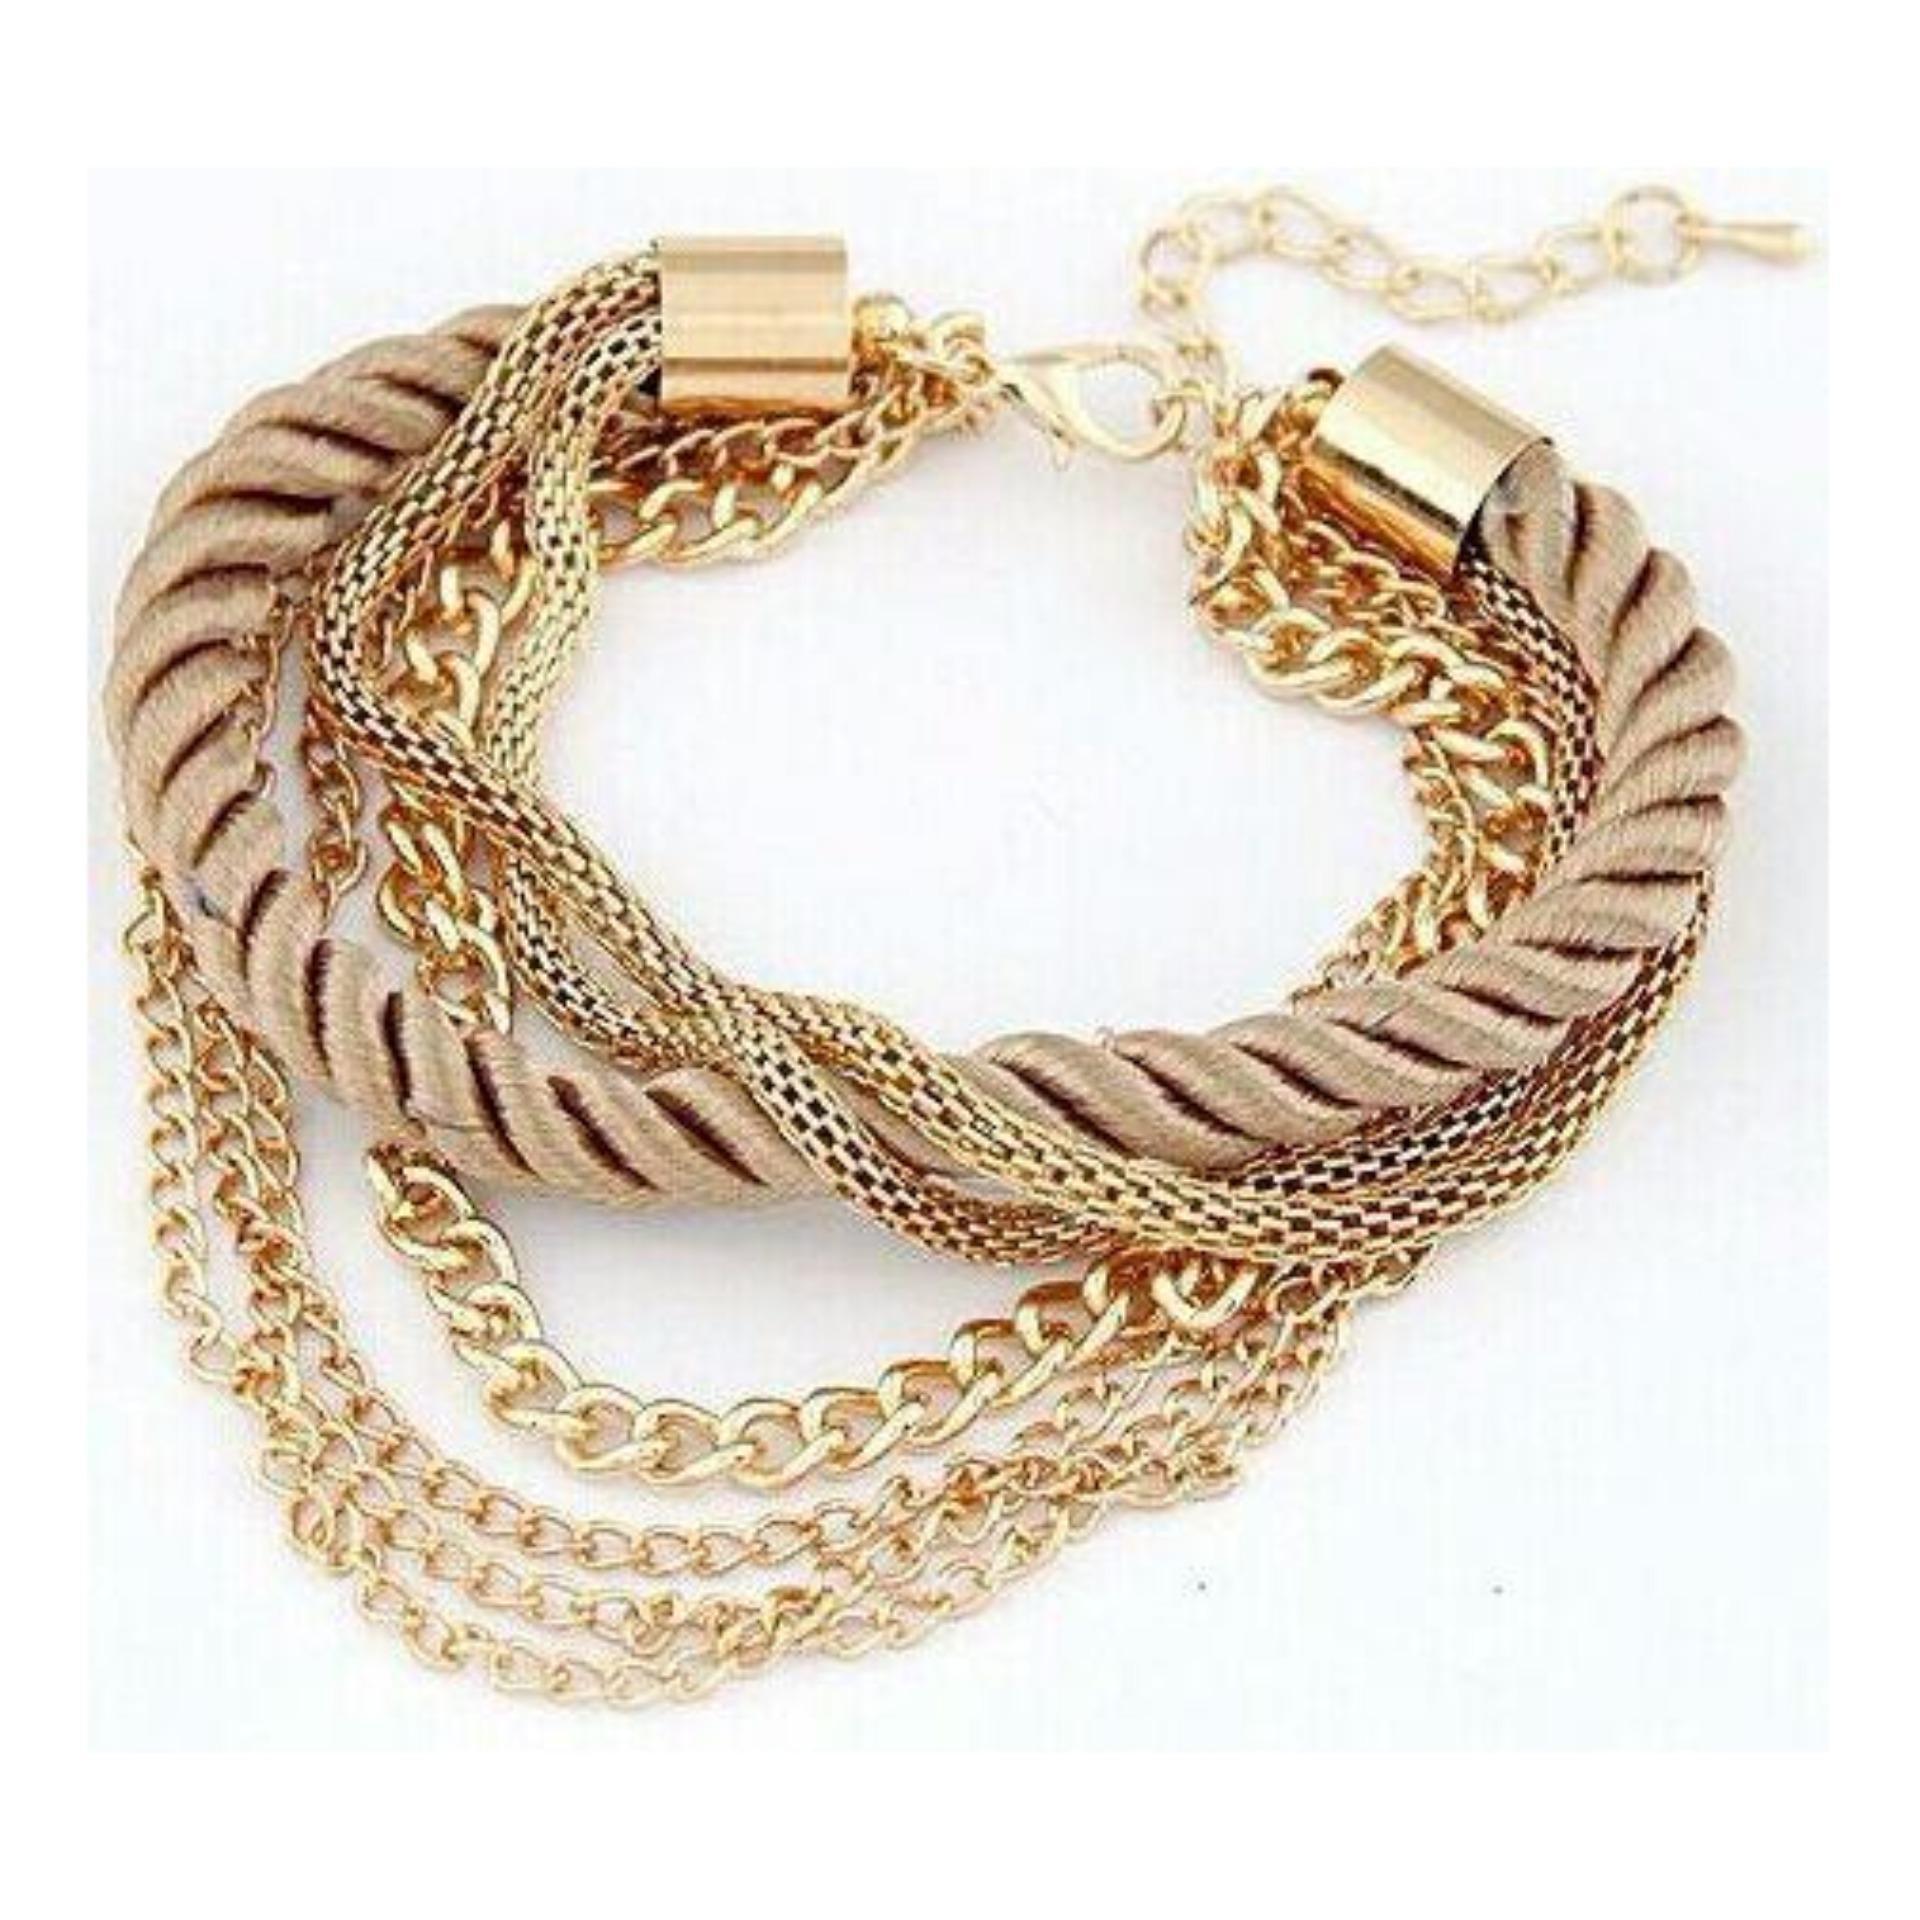 Flash Sale Gelang Bohemia 18K Gold Plated Rope Weave Tassel Bracelets Charm Multilayer Bracelets Bangles Statement